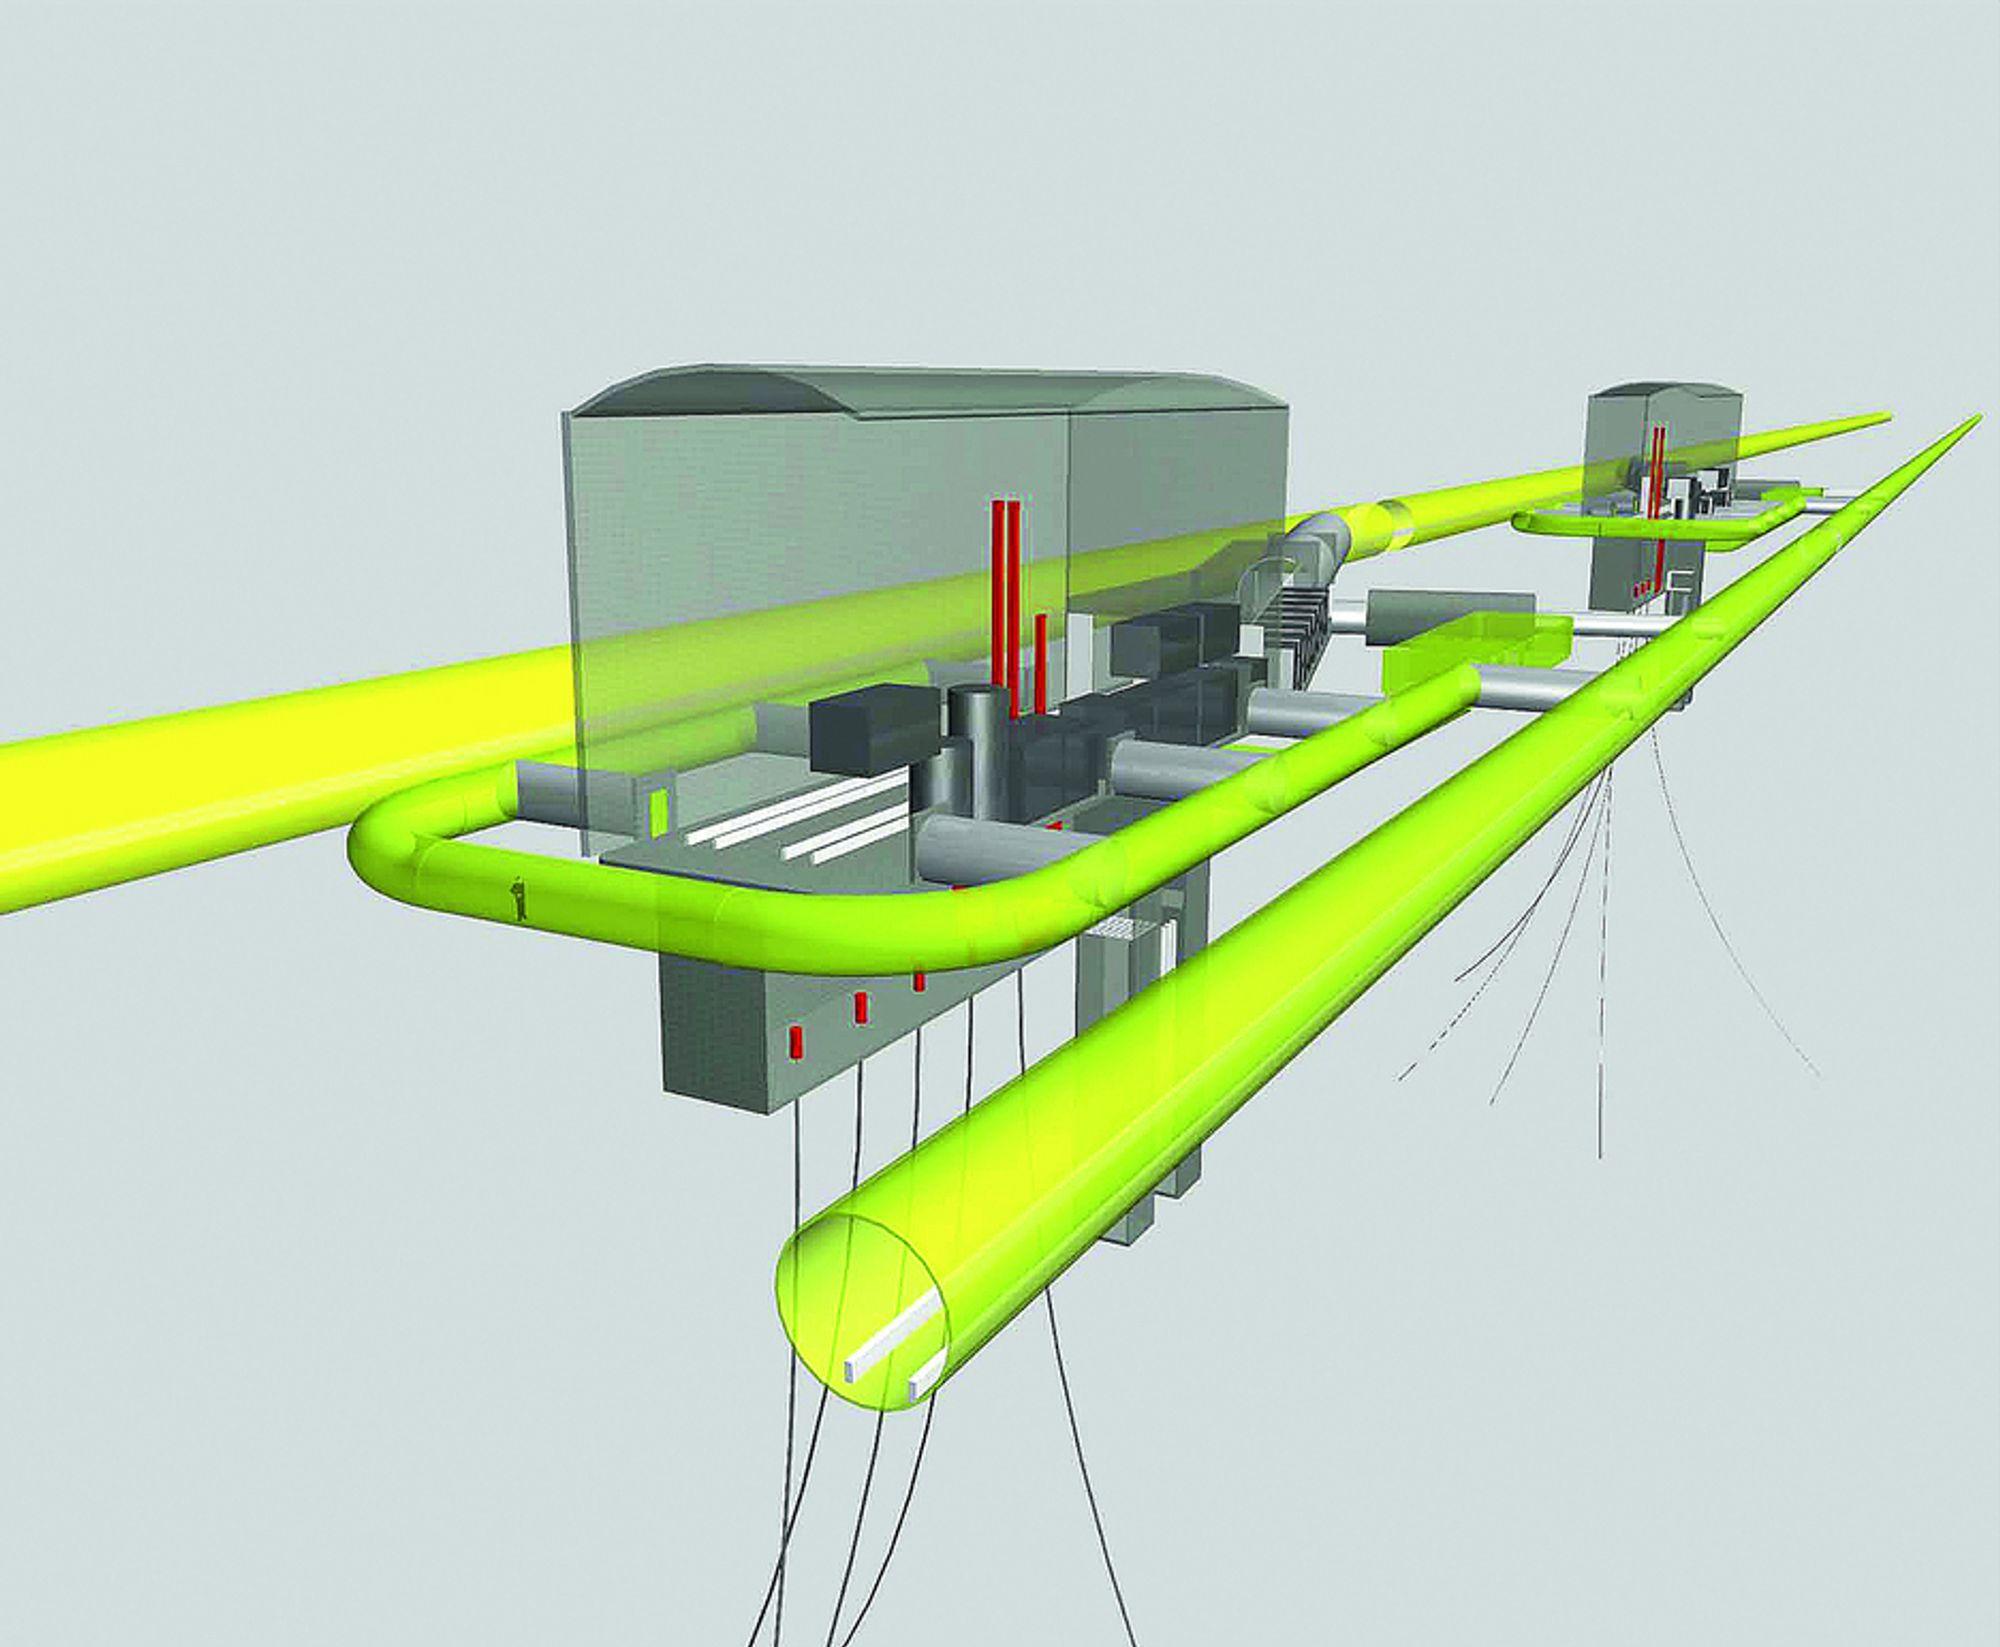 Slik så Acona for seg at løsningen kan konstrueres. To tunneler går parallelt på hver side av produksjonsfjellhallene.